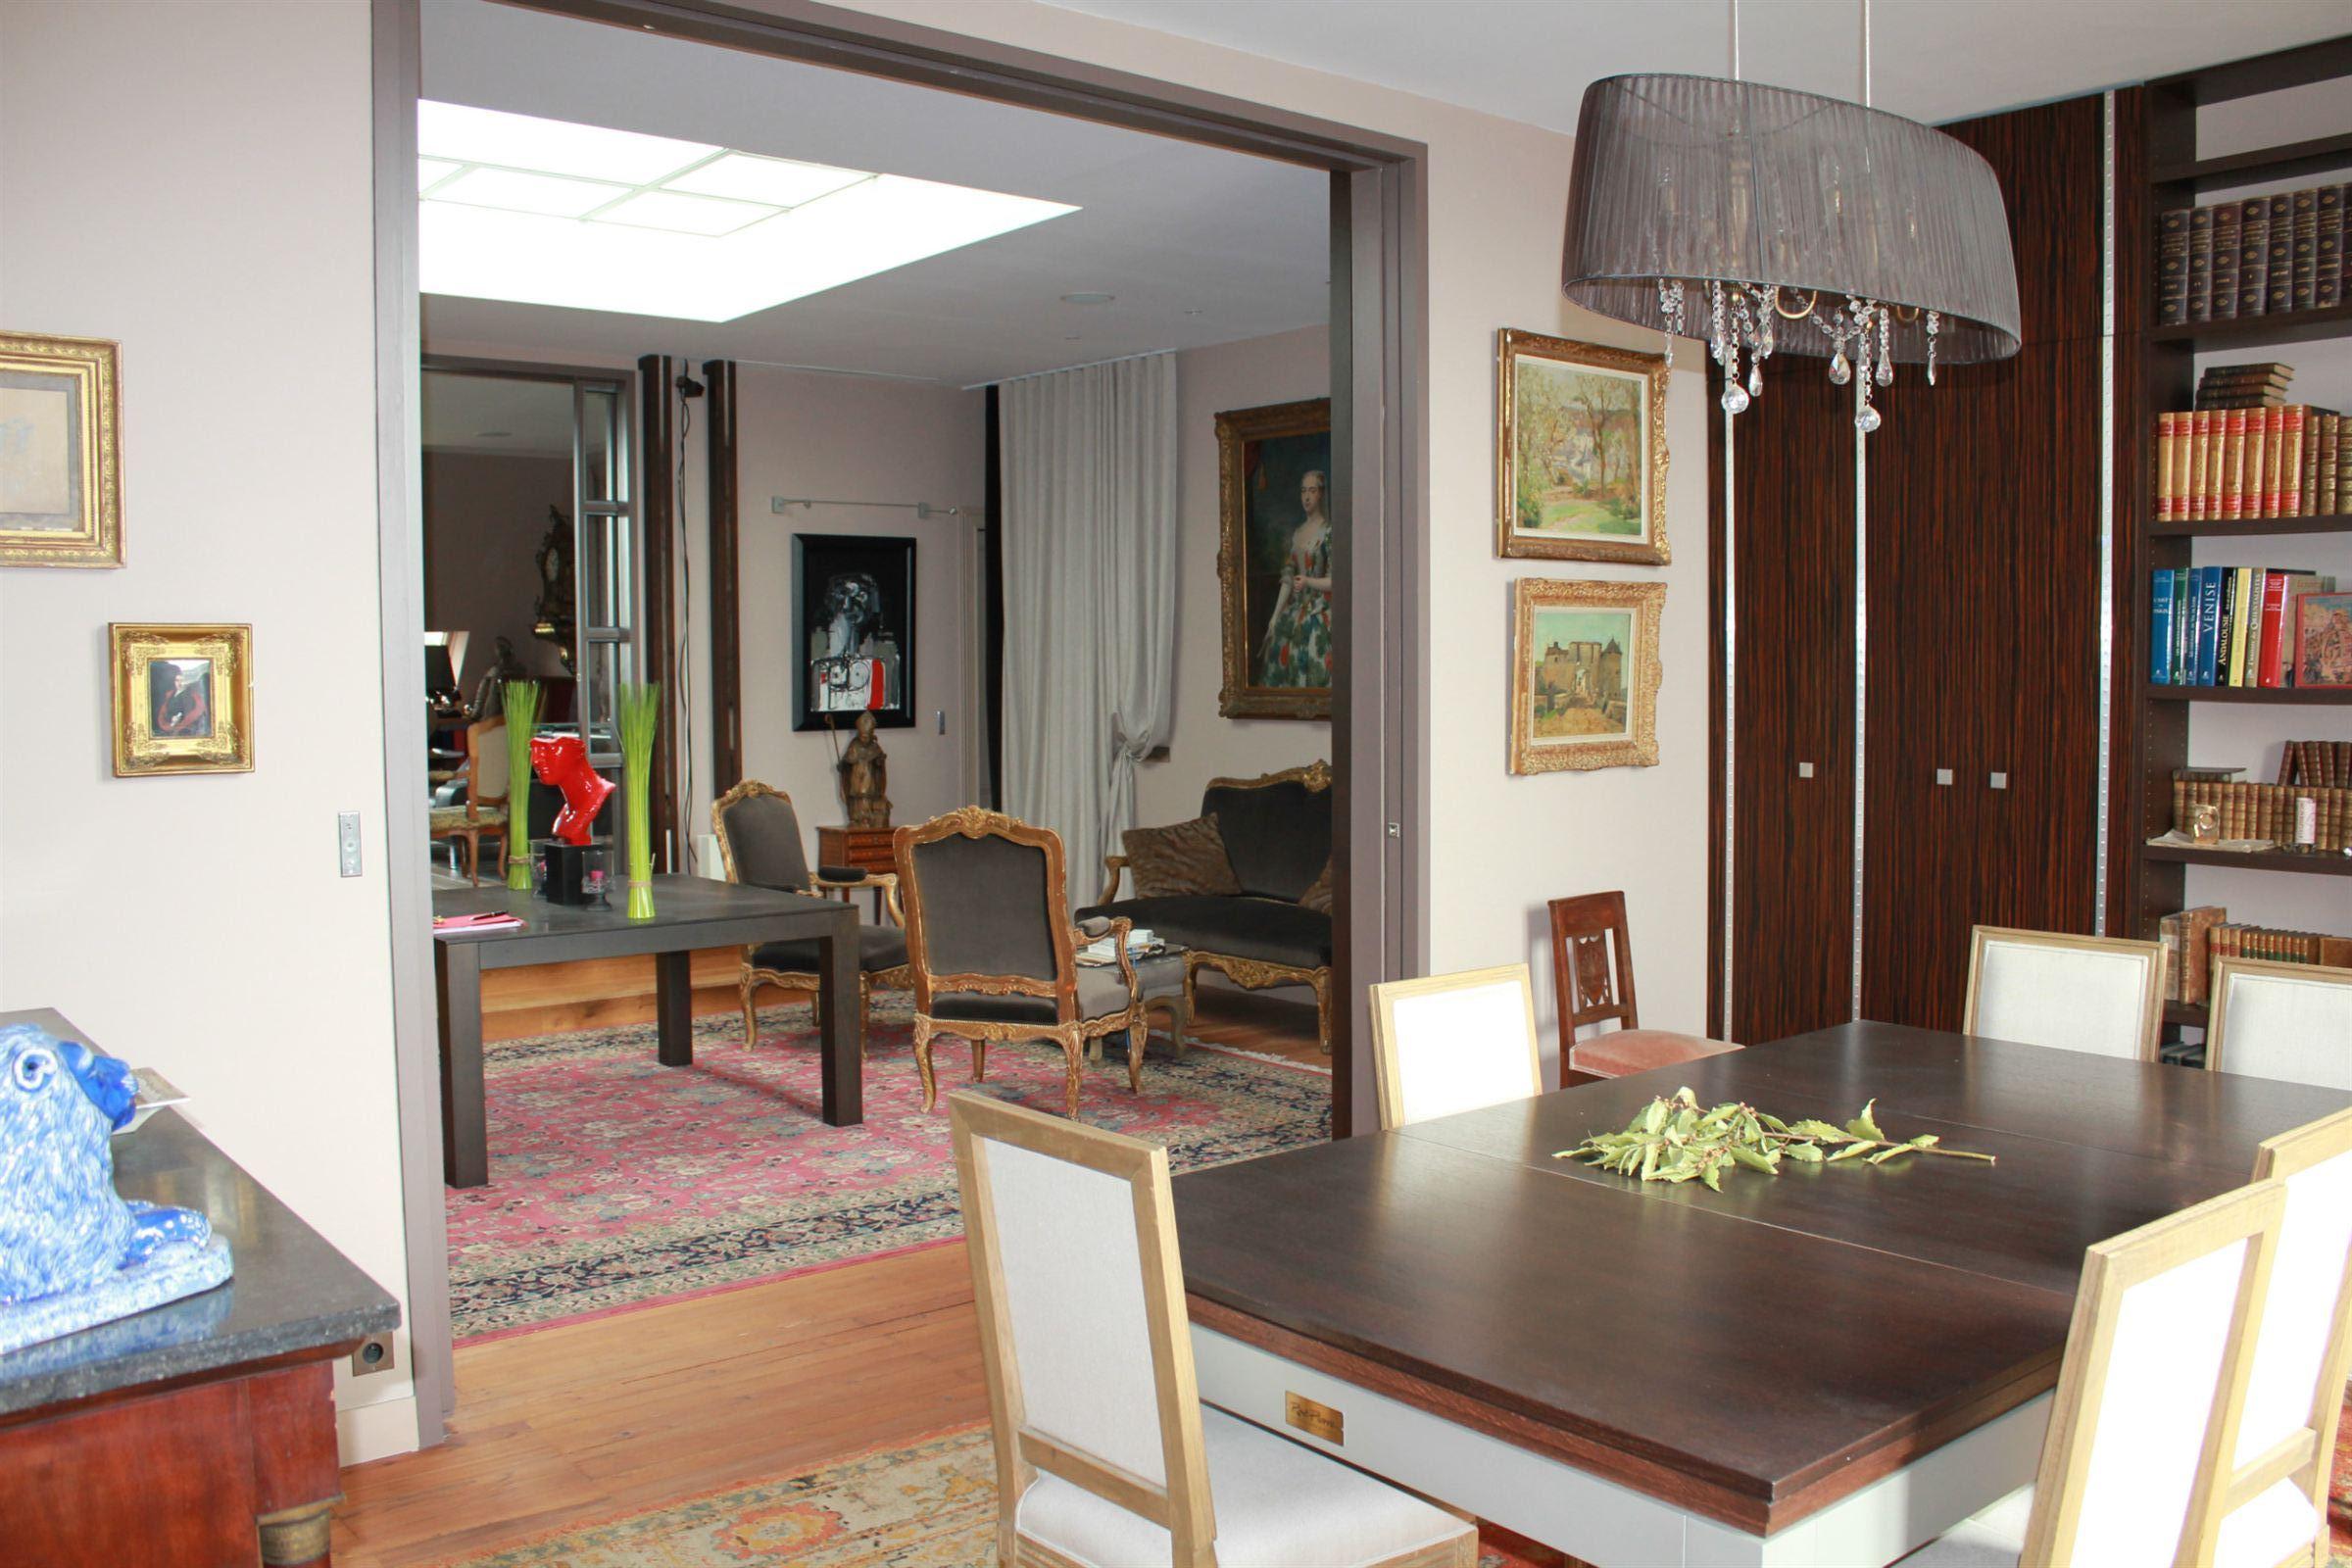 Apartment for Sale at BORDEAUX - PUBLIC GARDEN DISTRICT - GORGEOUS PENTHOUSE Bordeaux, Aquitaine, 33000 France